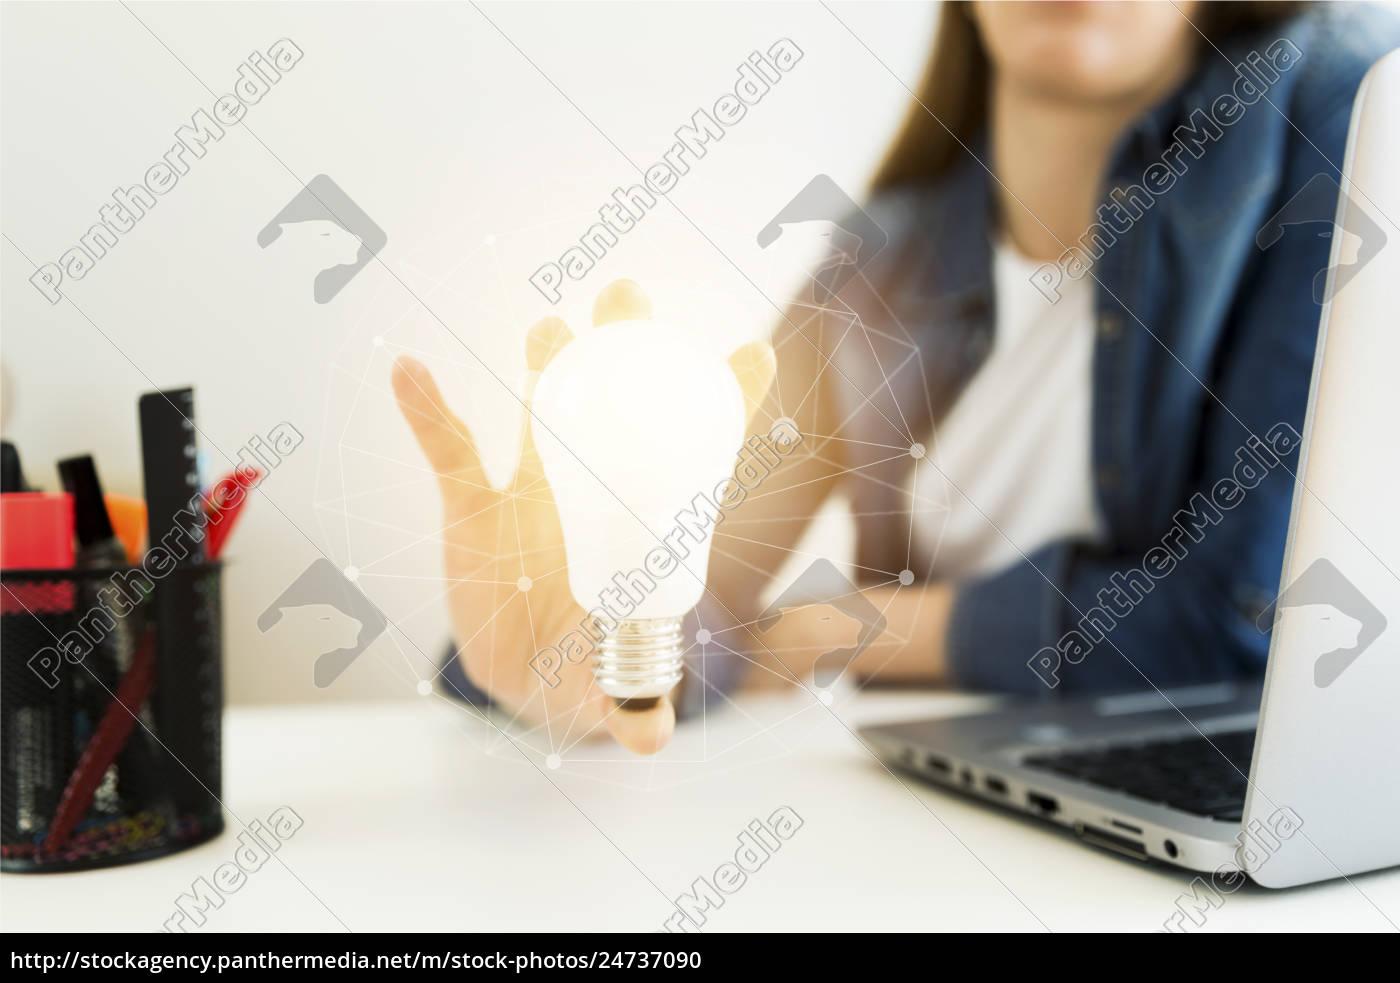 business, women's, , designer's, hand, holding, light - 24737090